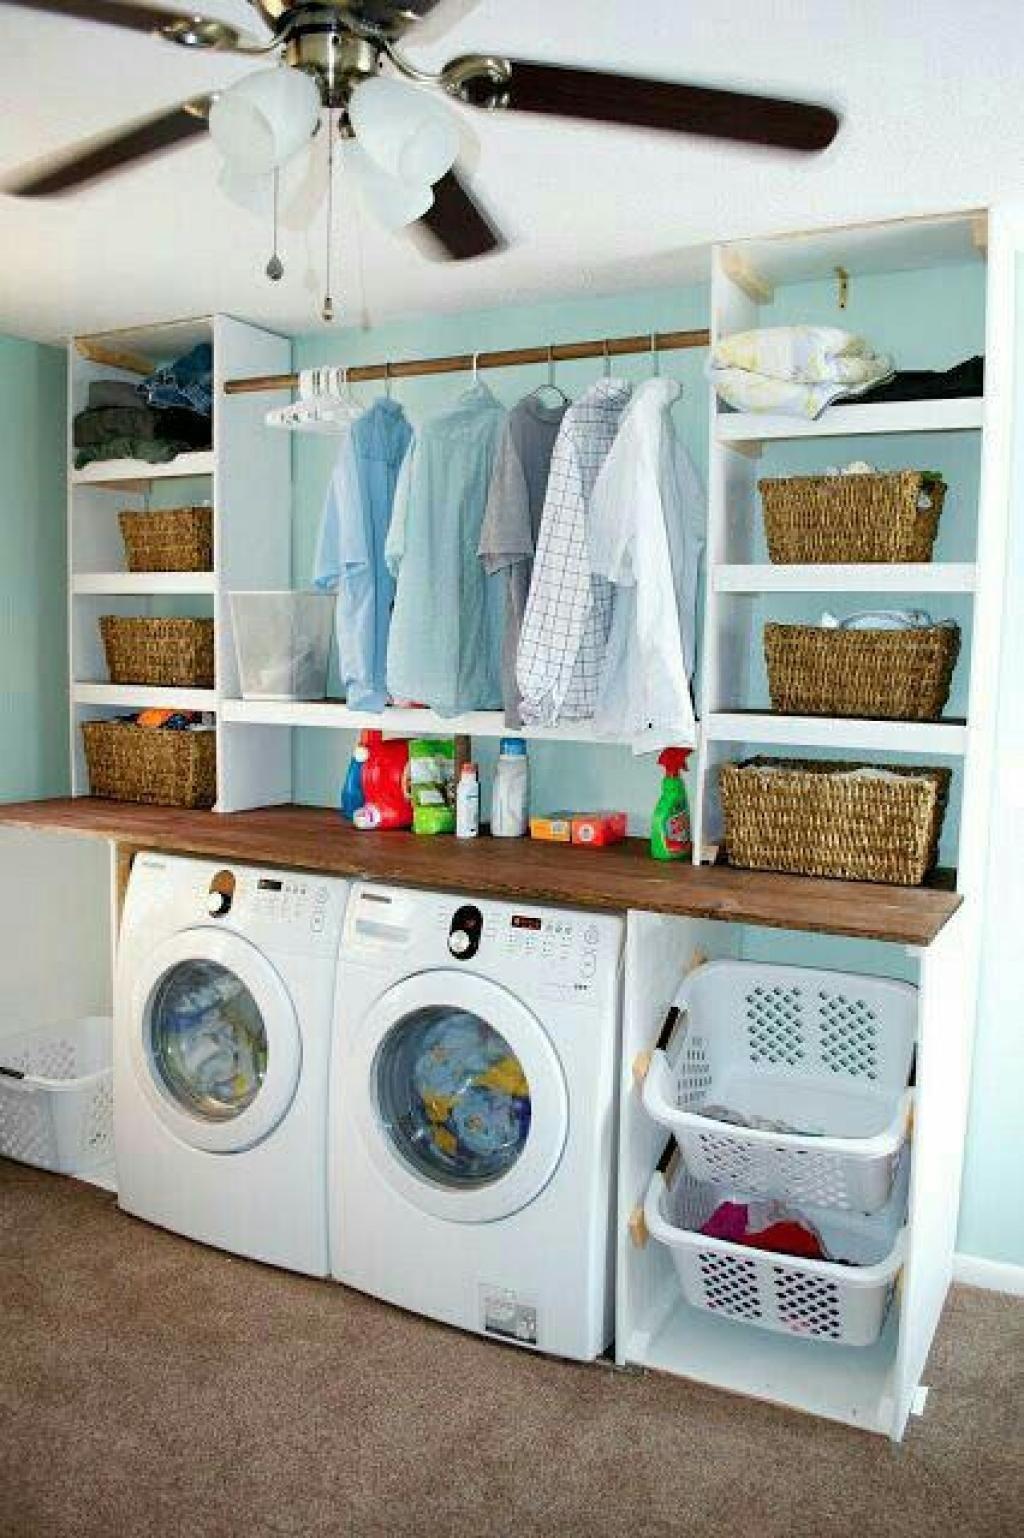 De super bonnes id es bricoler pour la salle de lavage de r ve maison - Lavage tapis maison ...